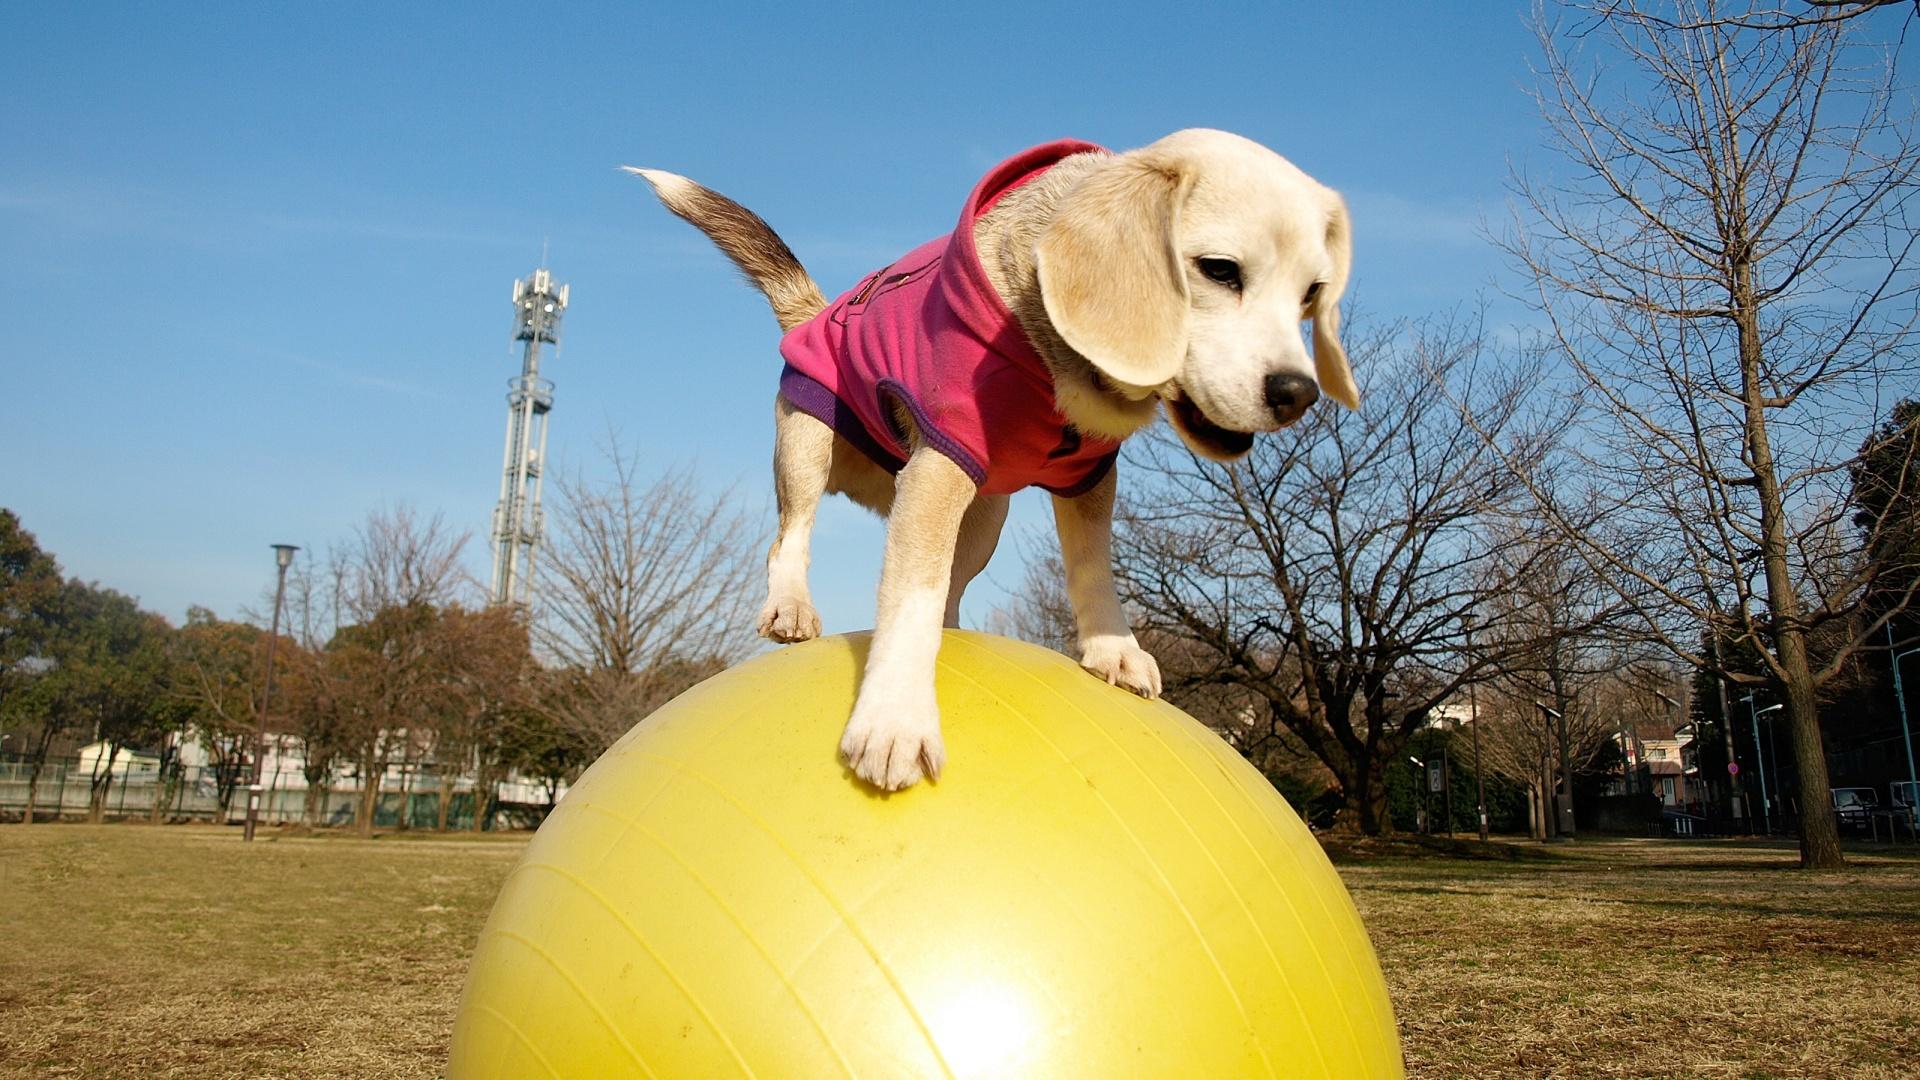 Dog balancing on a ball